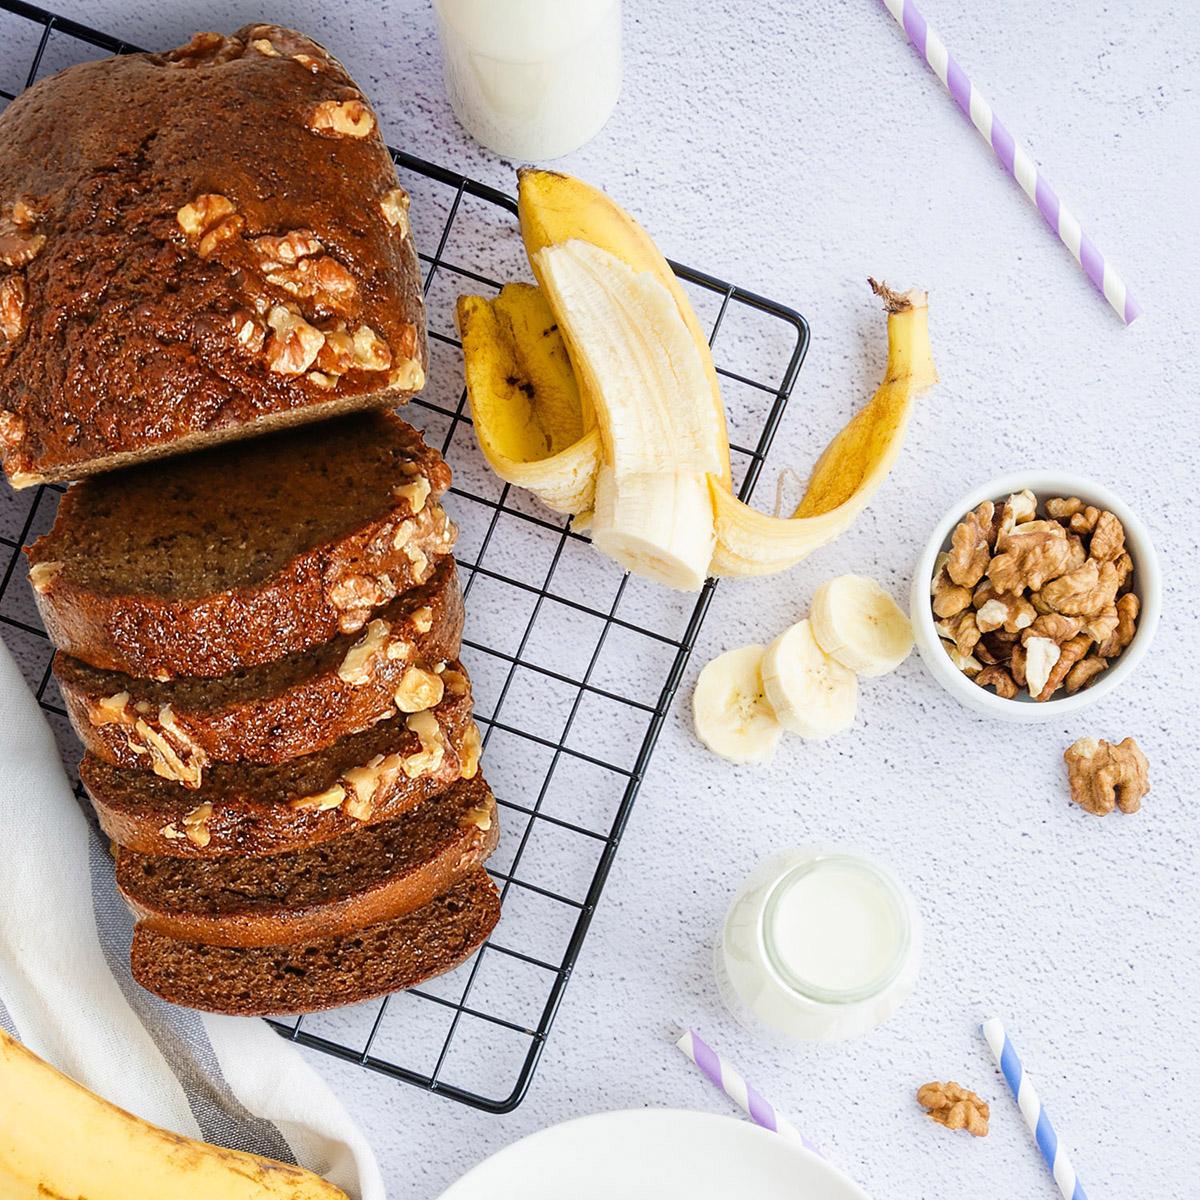 The Bakeshop Walnut Banana Bread